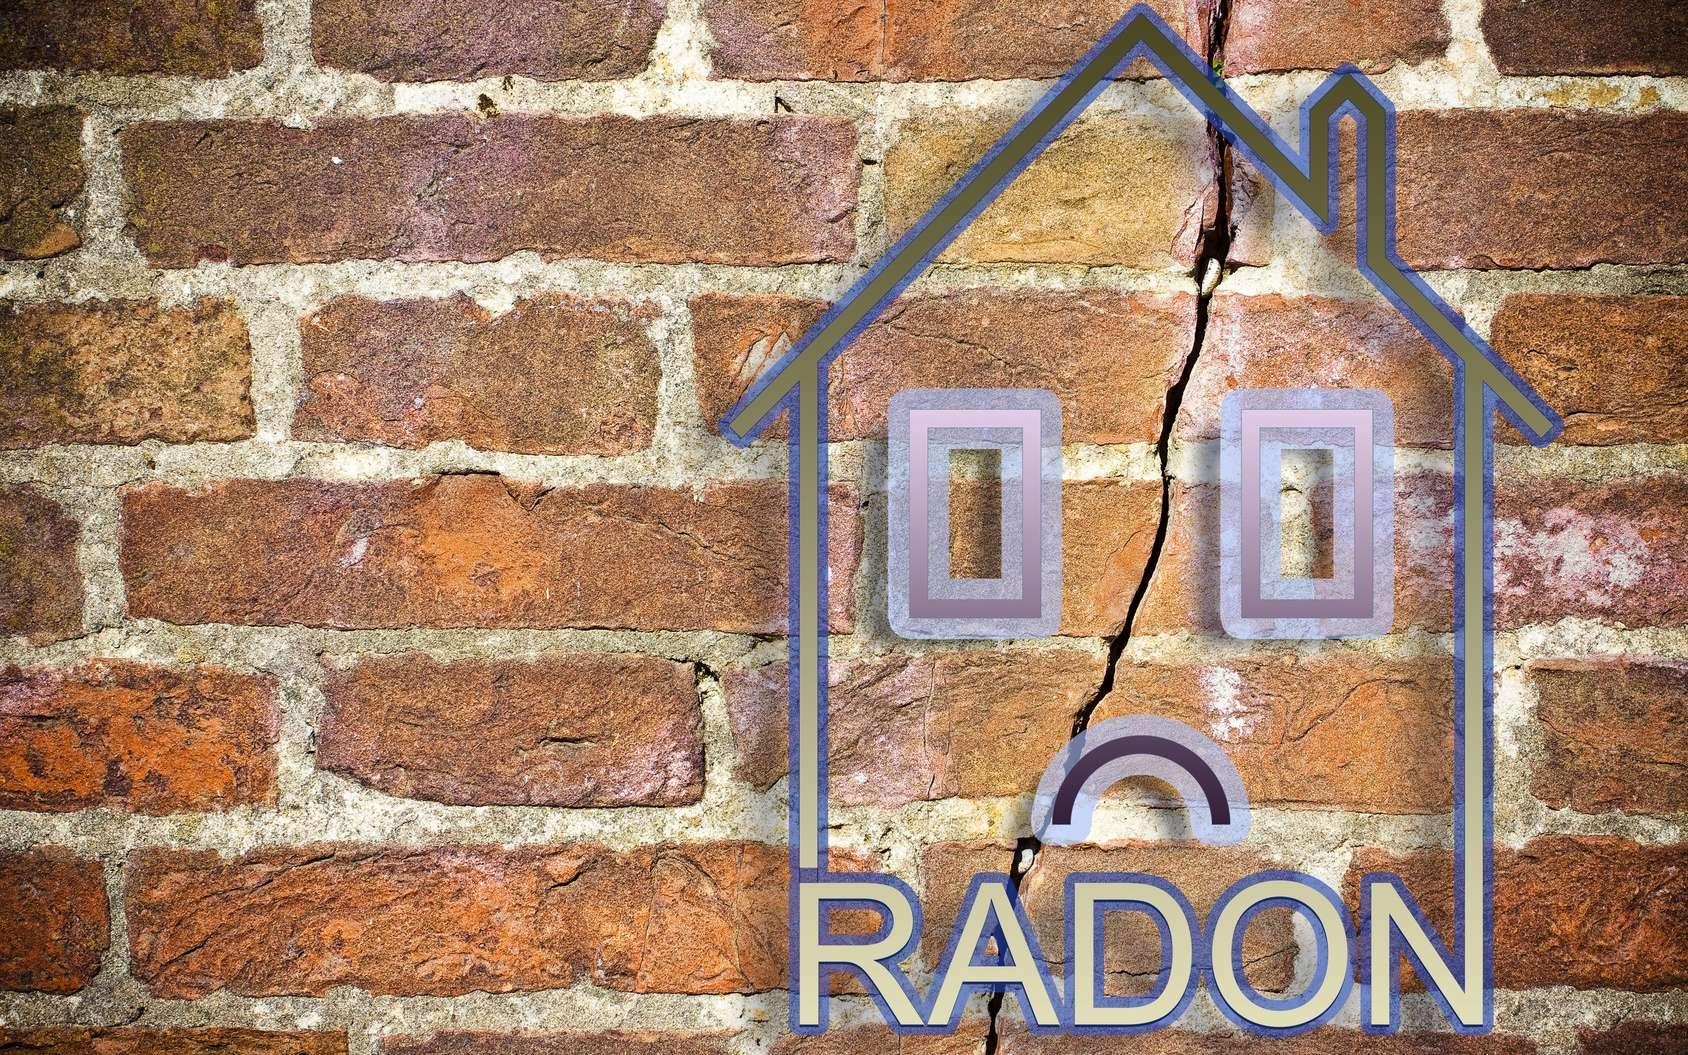 Le radon est la principale cause du cancer du poumon après le tabagisme. Il représente un risque pour la santé dans nos maisons. © Francesco Scatena, Fotolia